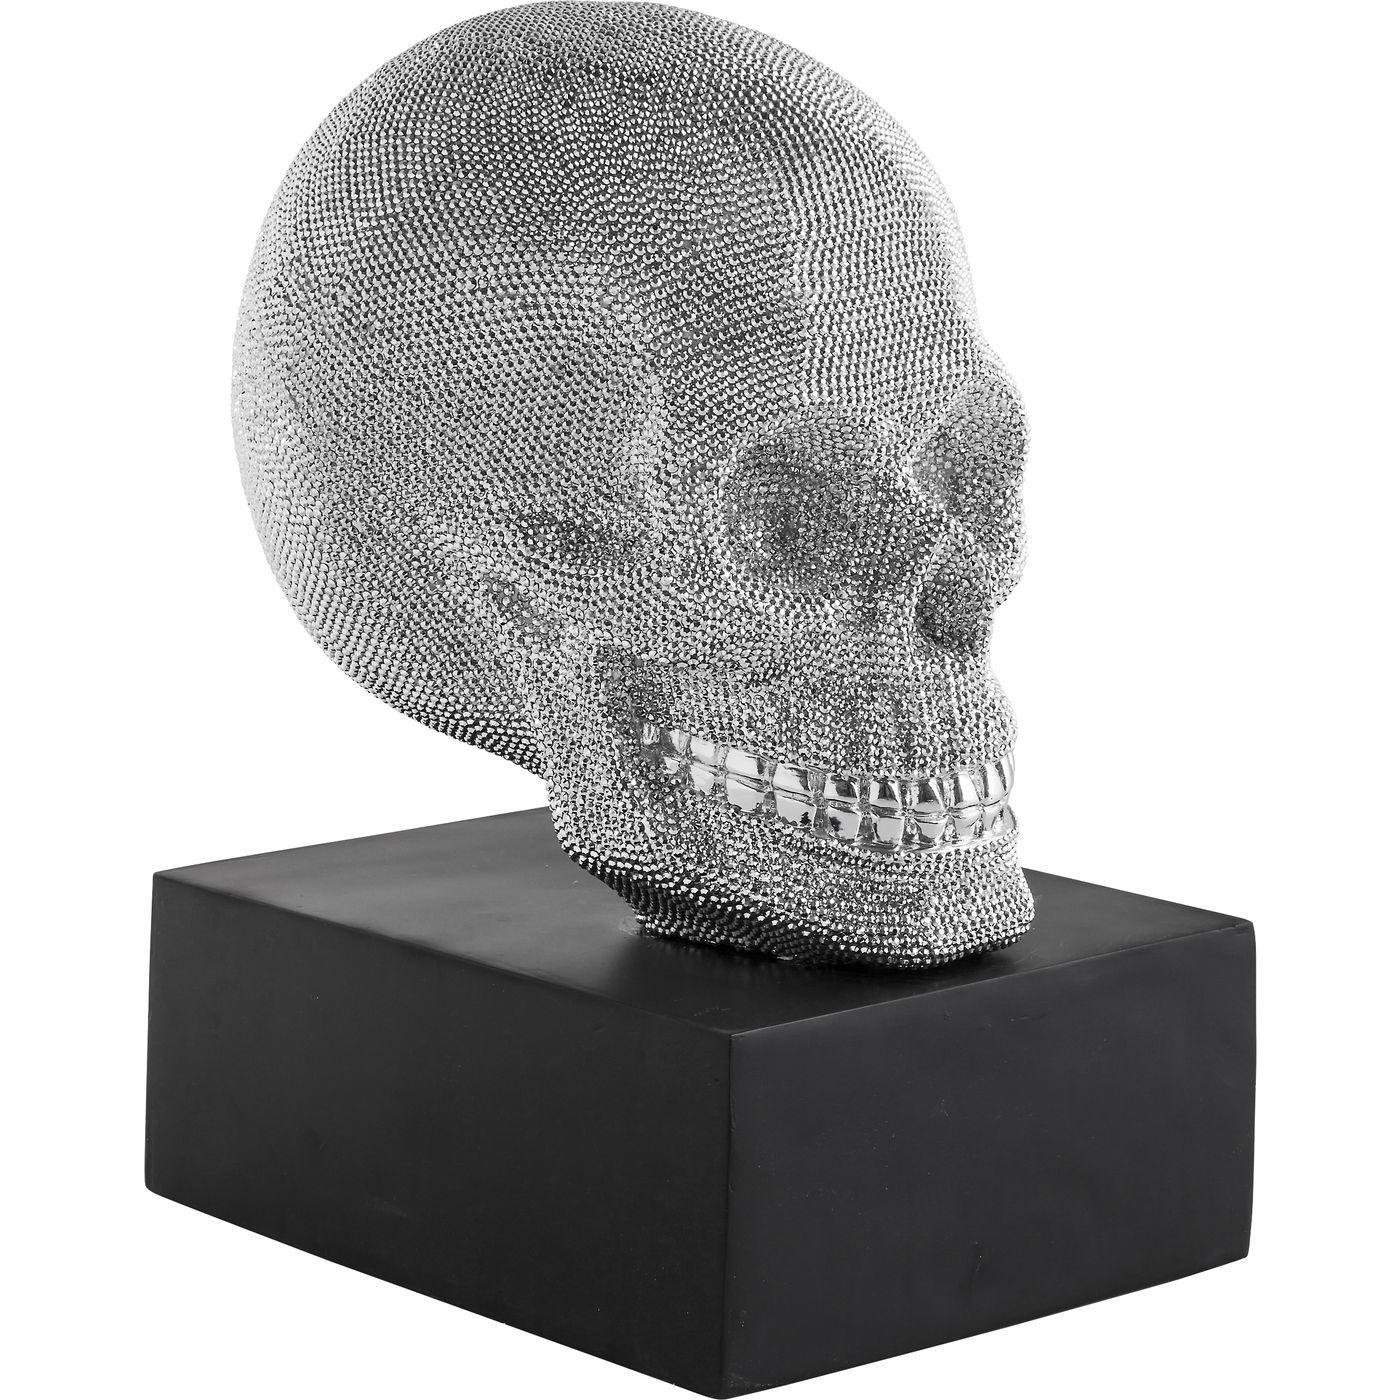 Image of   KARE DESIGN Skulptur, Head Rockstar